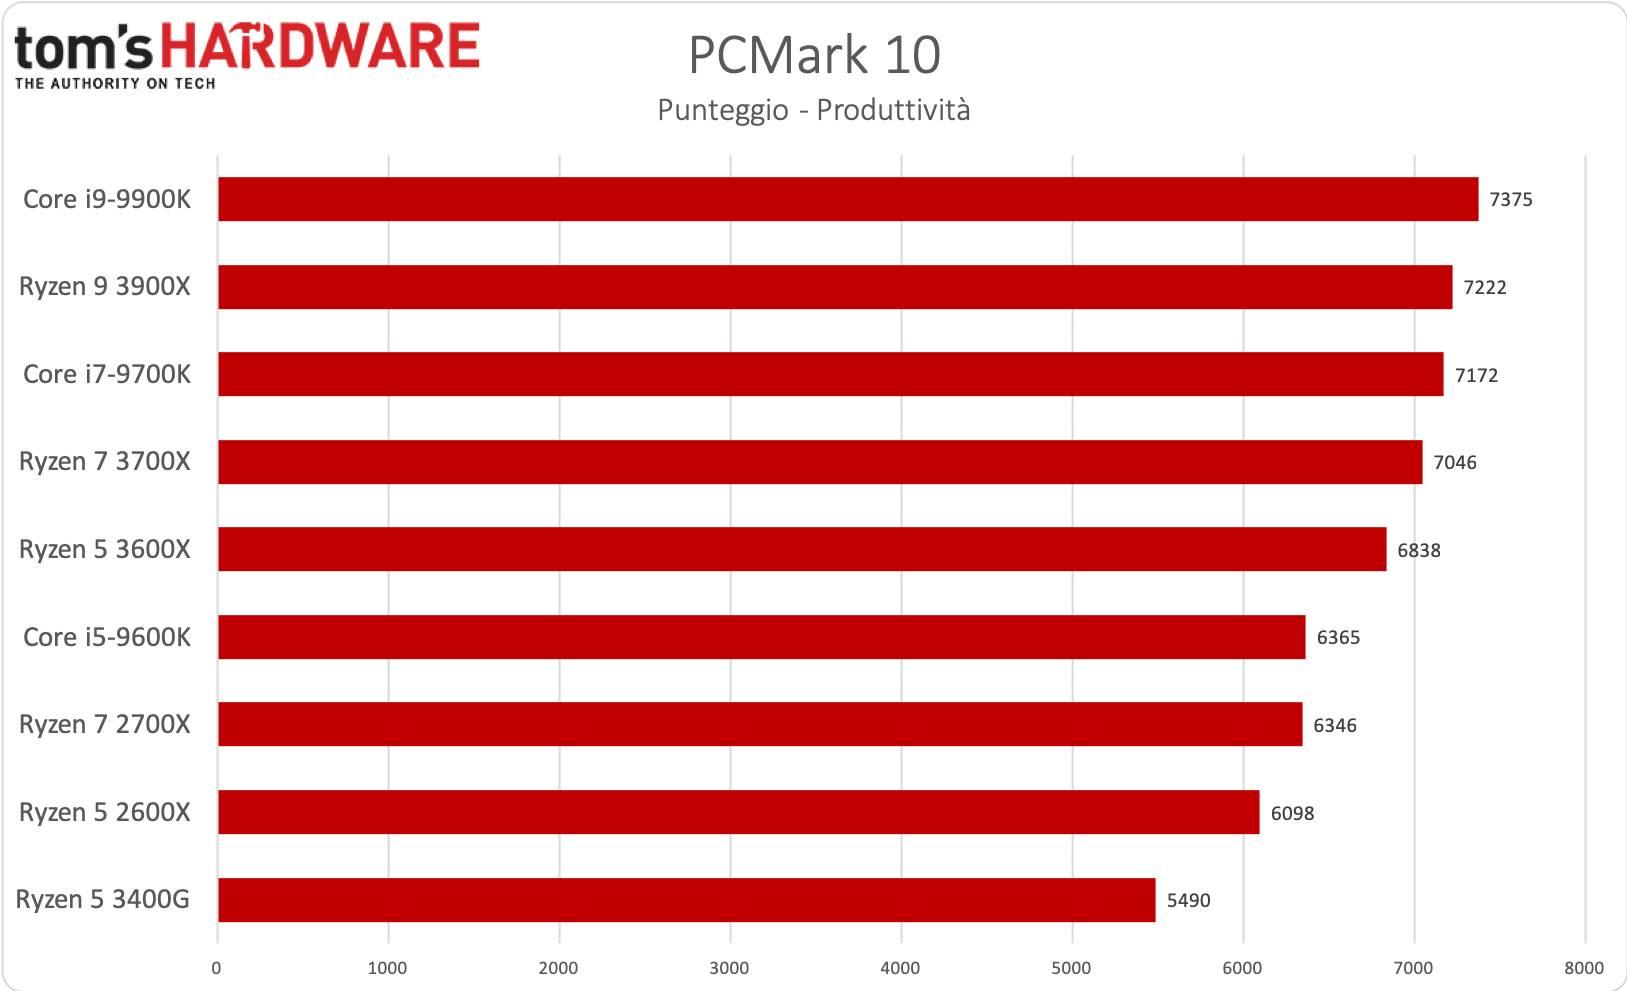 Ryzen 5 3600X - PCMark 10